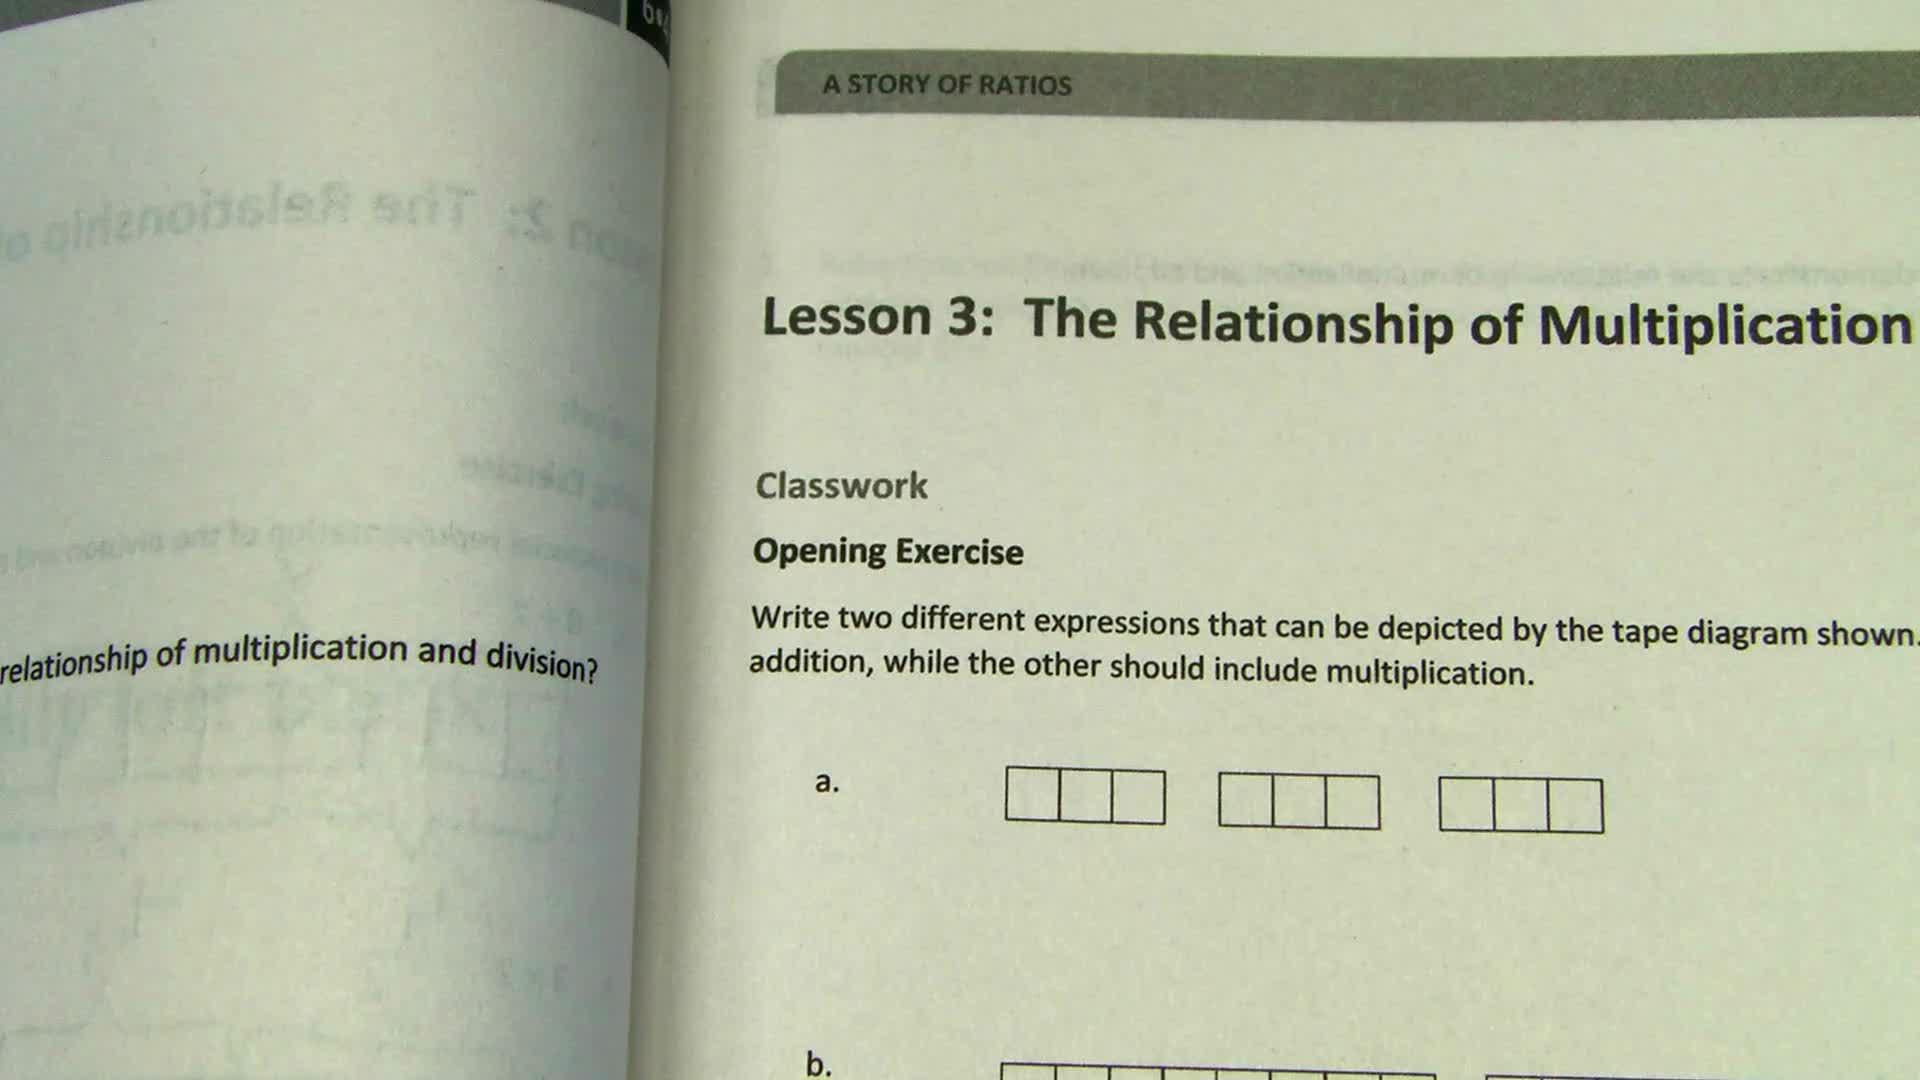 Module 4 - Lesson 3 Part 1